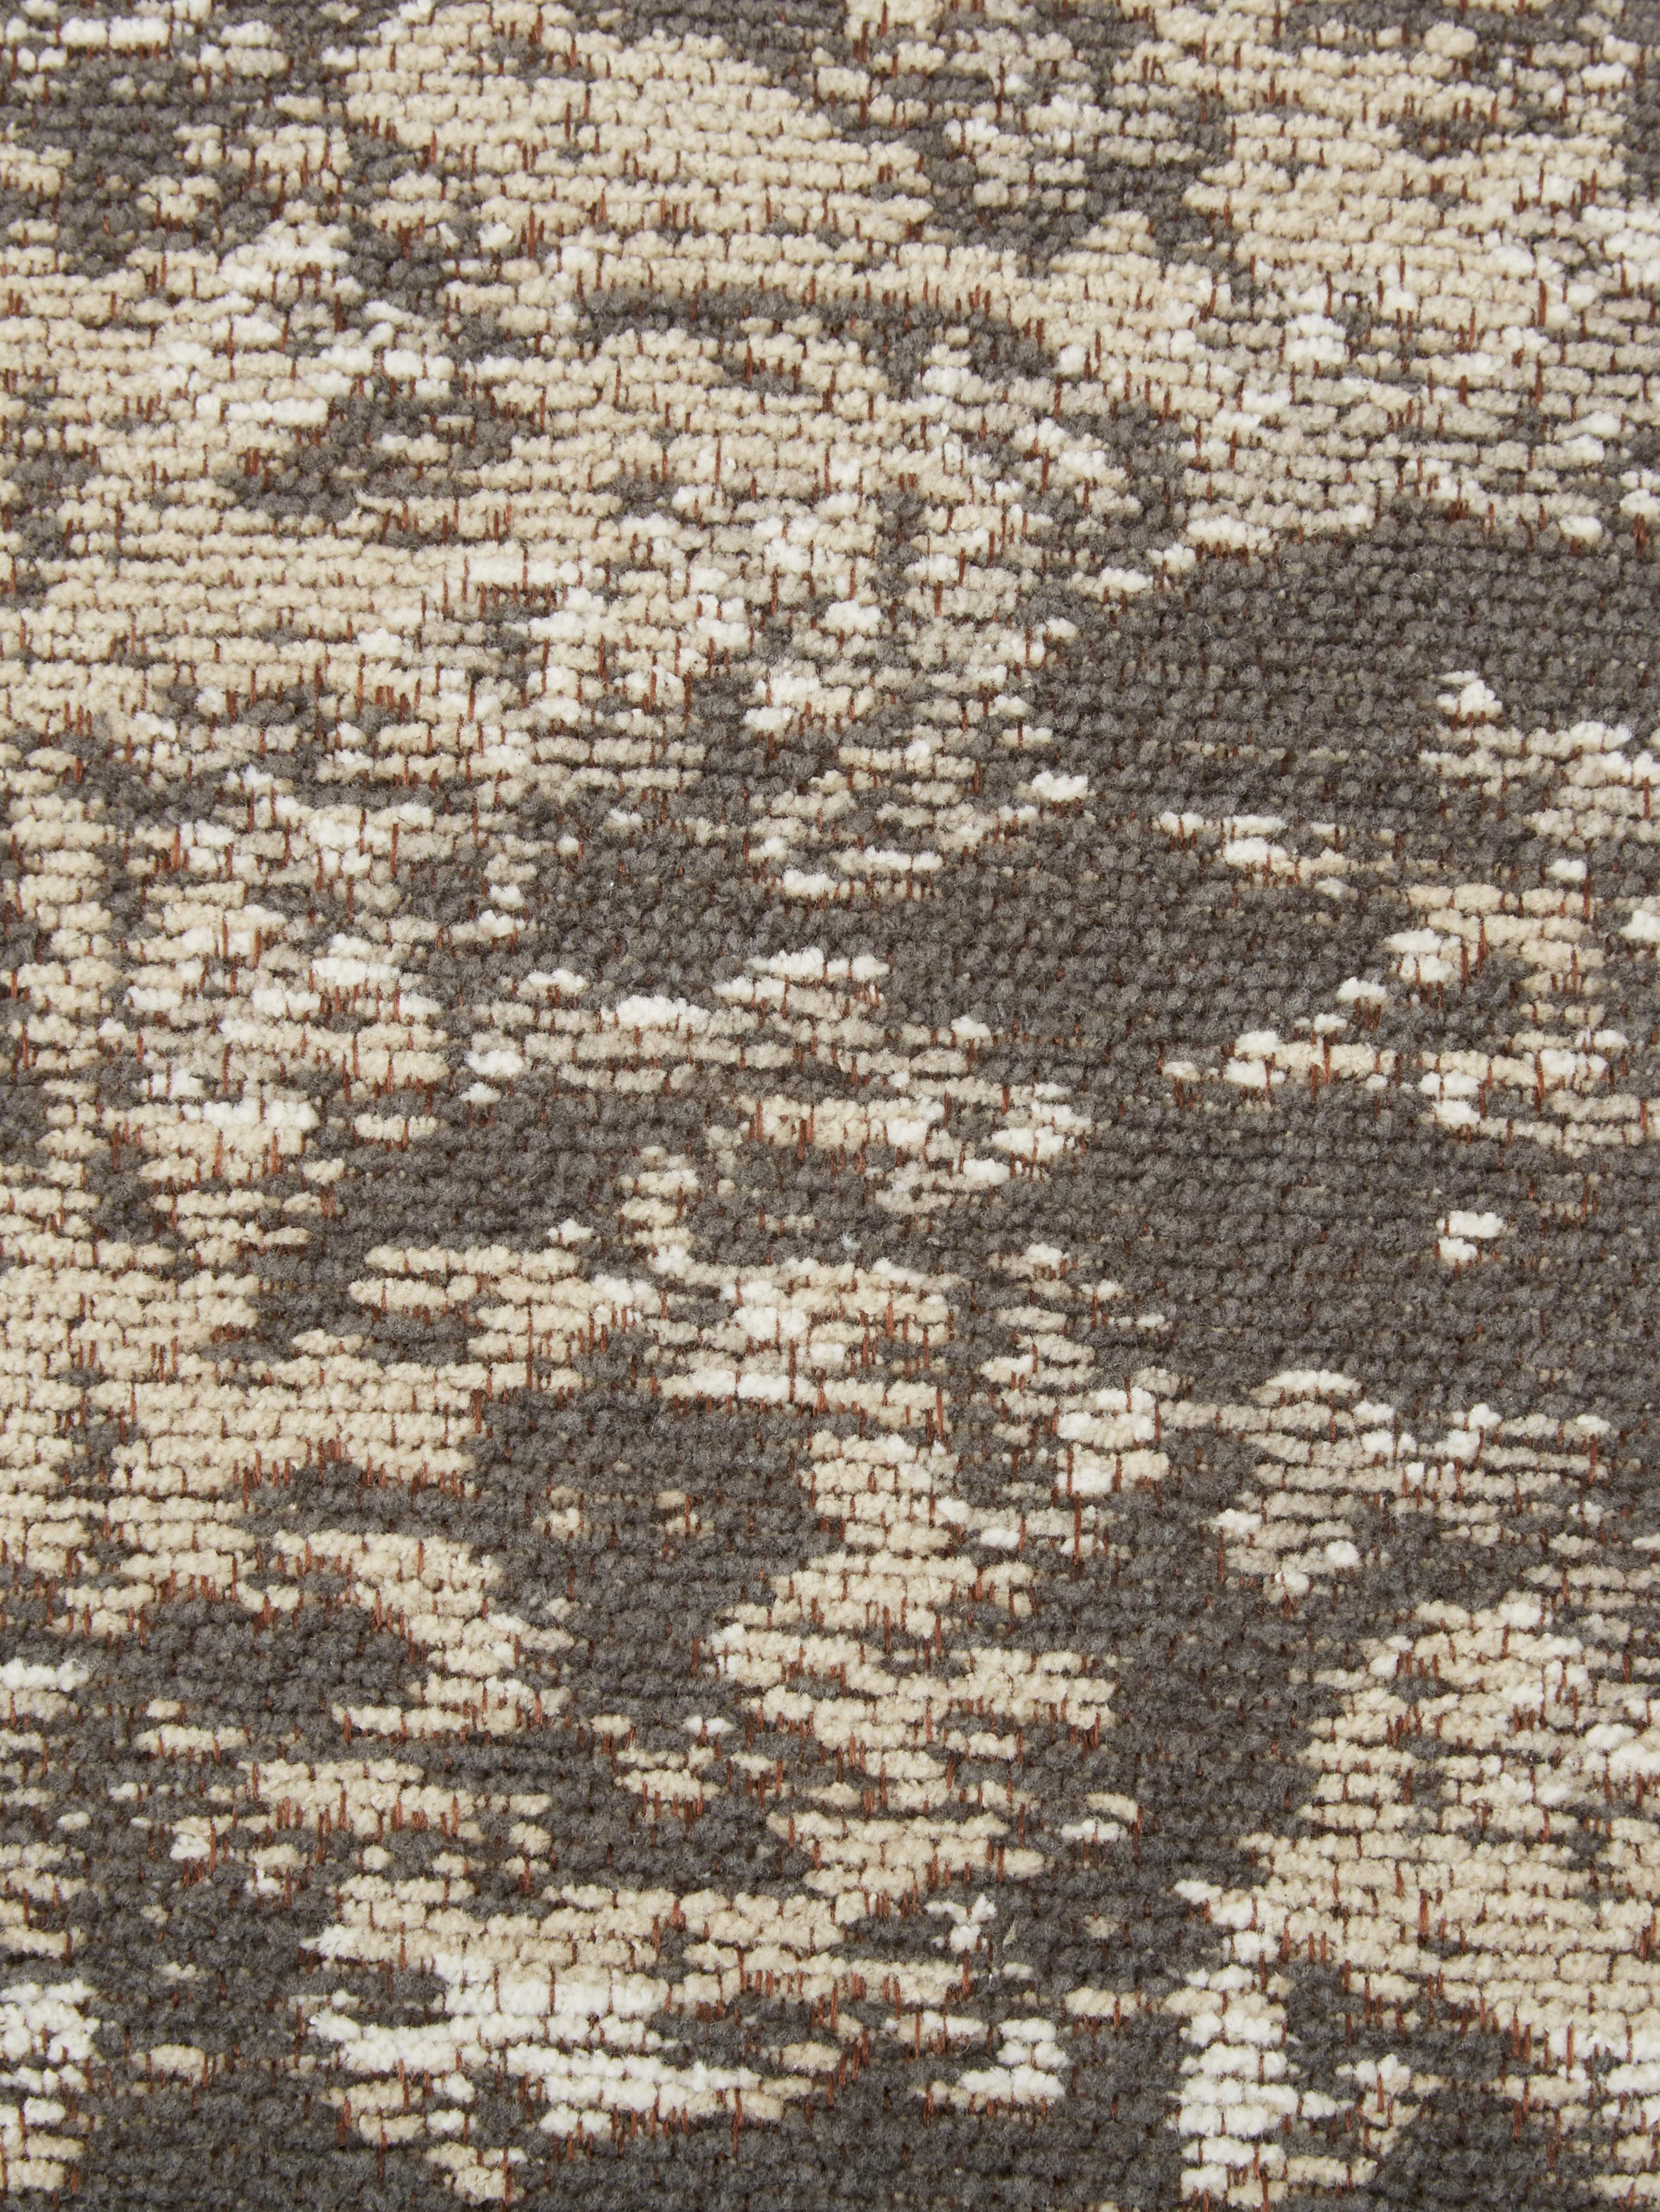 Vintage-Bodenkissen Rebel, Bezug: 95% Baumwolle, 5% Polyest, Dunkelgrau, Creme, 70 x 20 cm